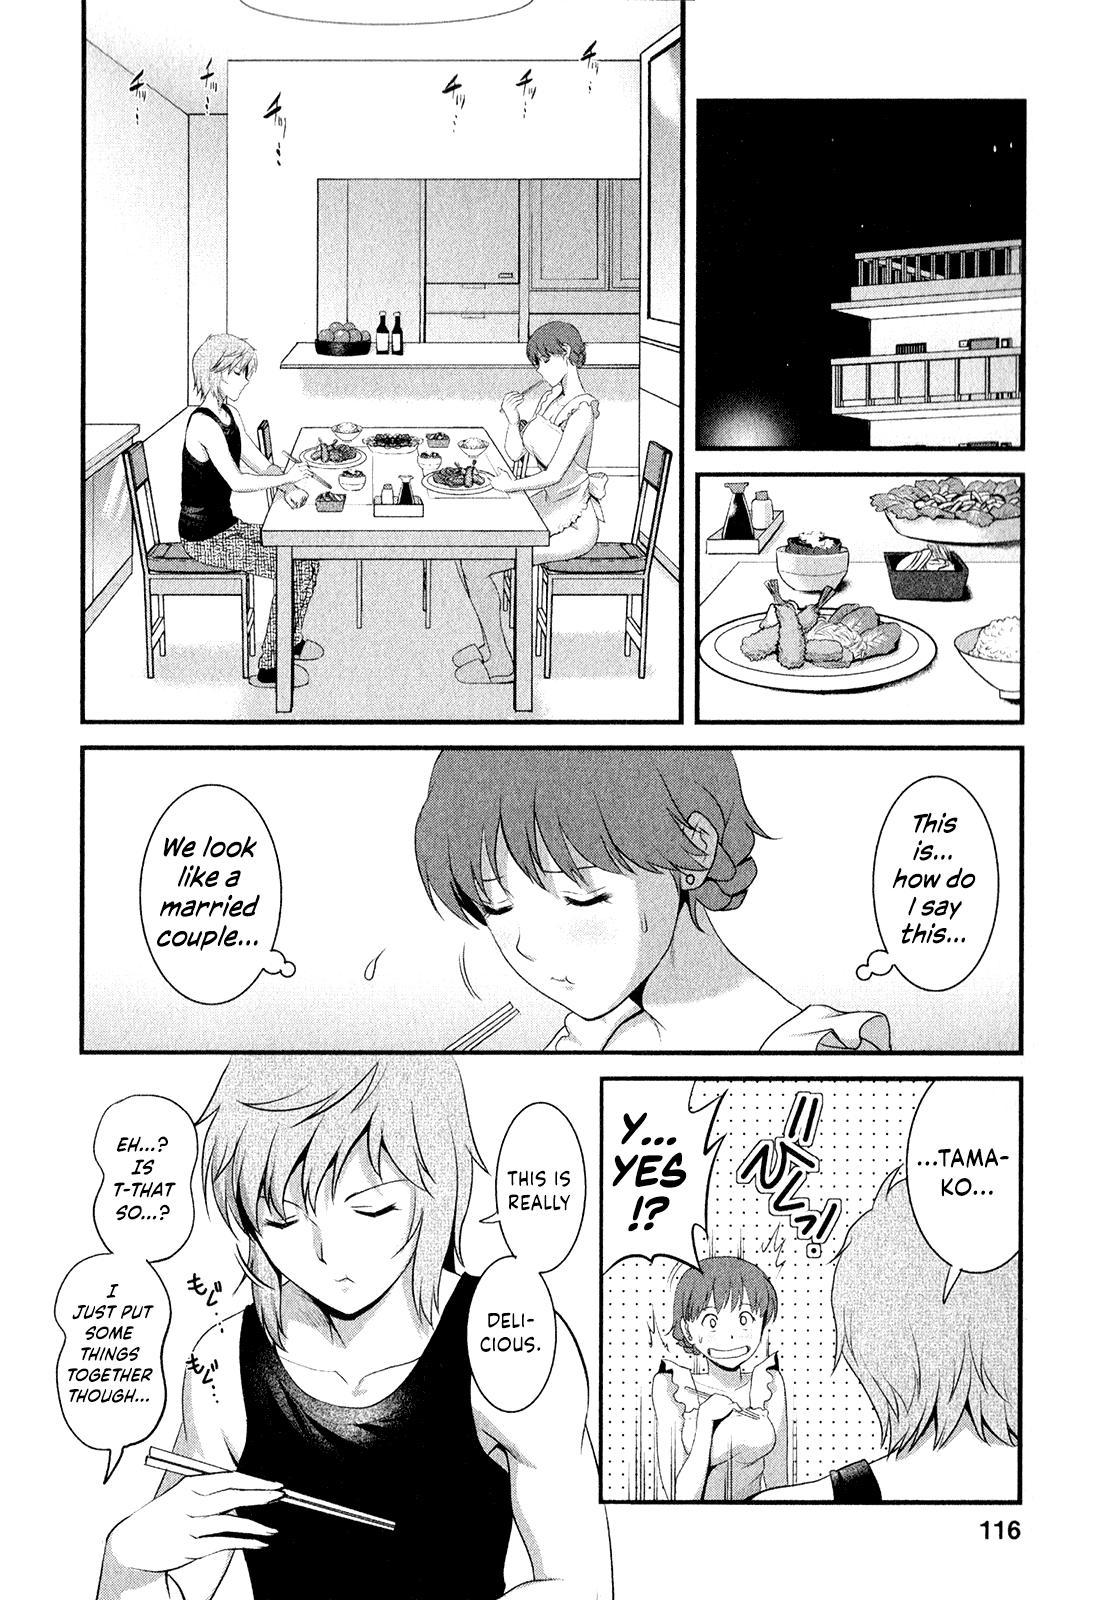 [Saigado] Hitozuma Audrey-san no Himitsu ~30-sai kara no Furyou Tsuma Kouza~ - Vol. 2 [English] {Hennojin} 122